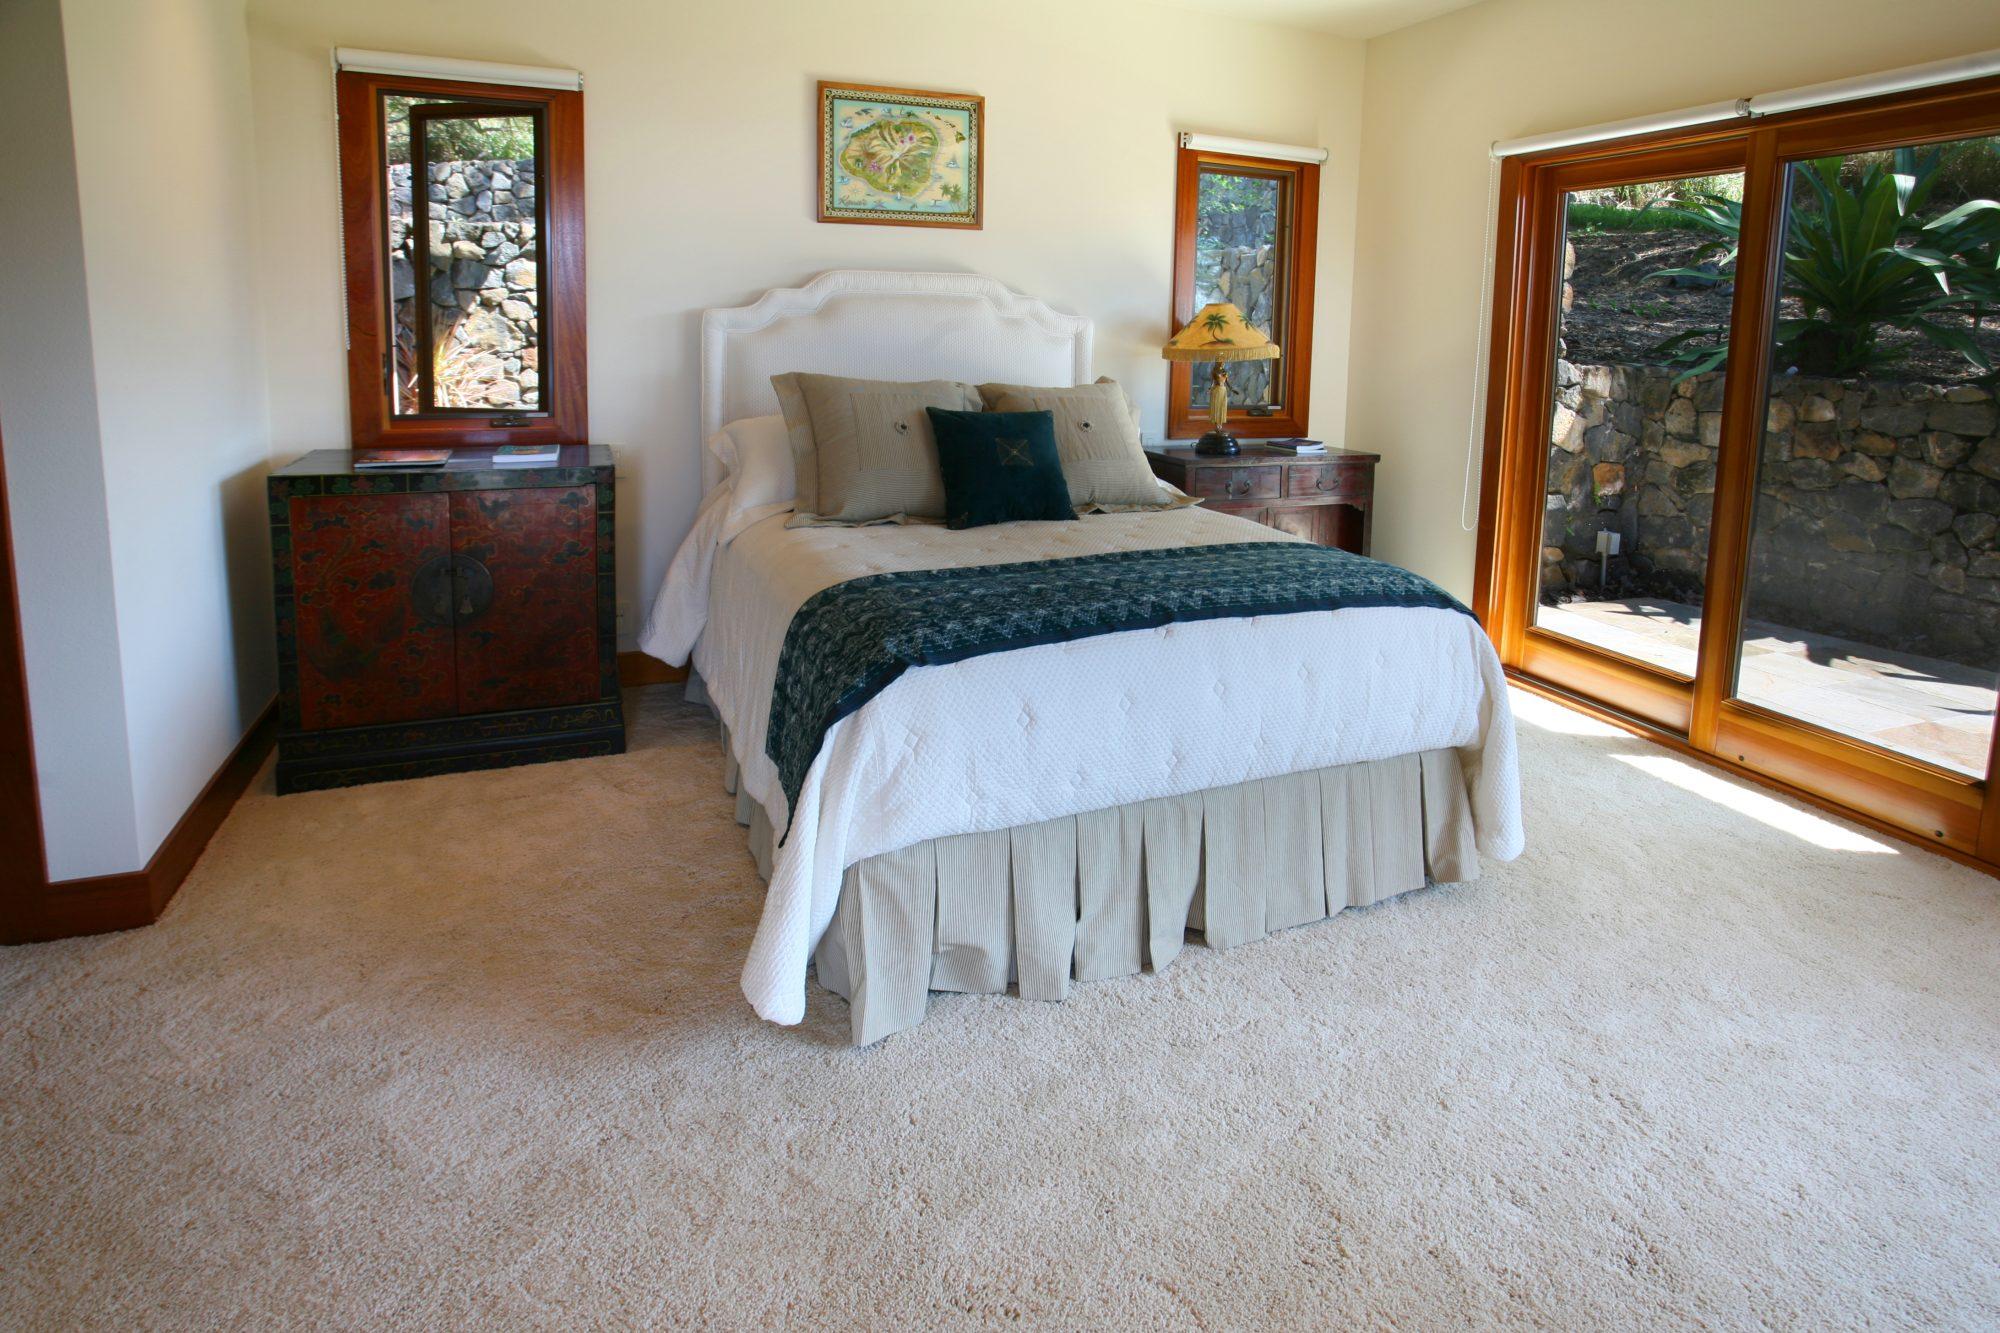 The Auamo Compound, Guest Suite 2